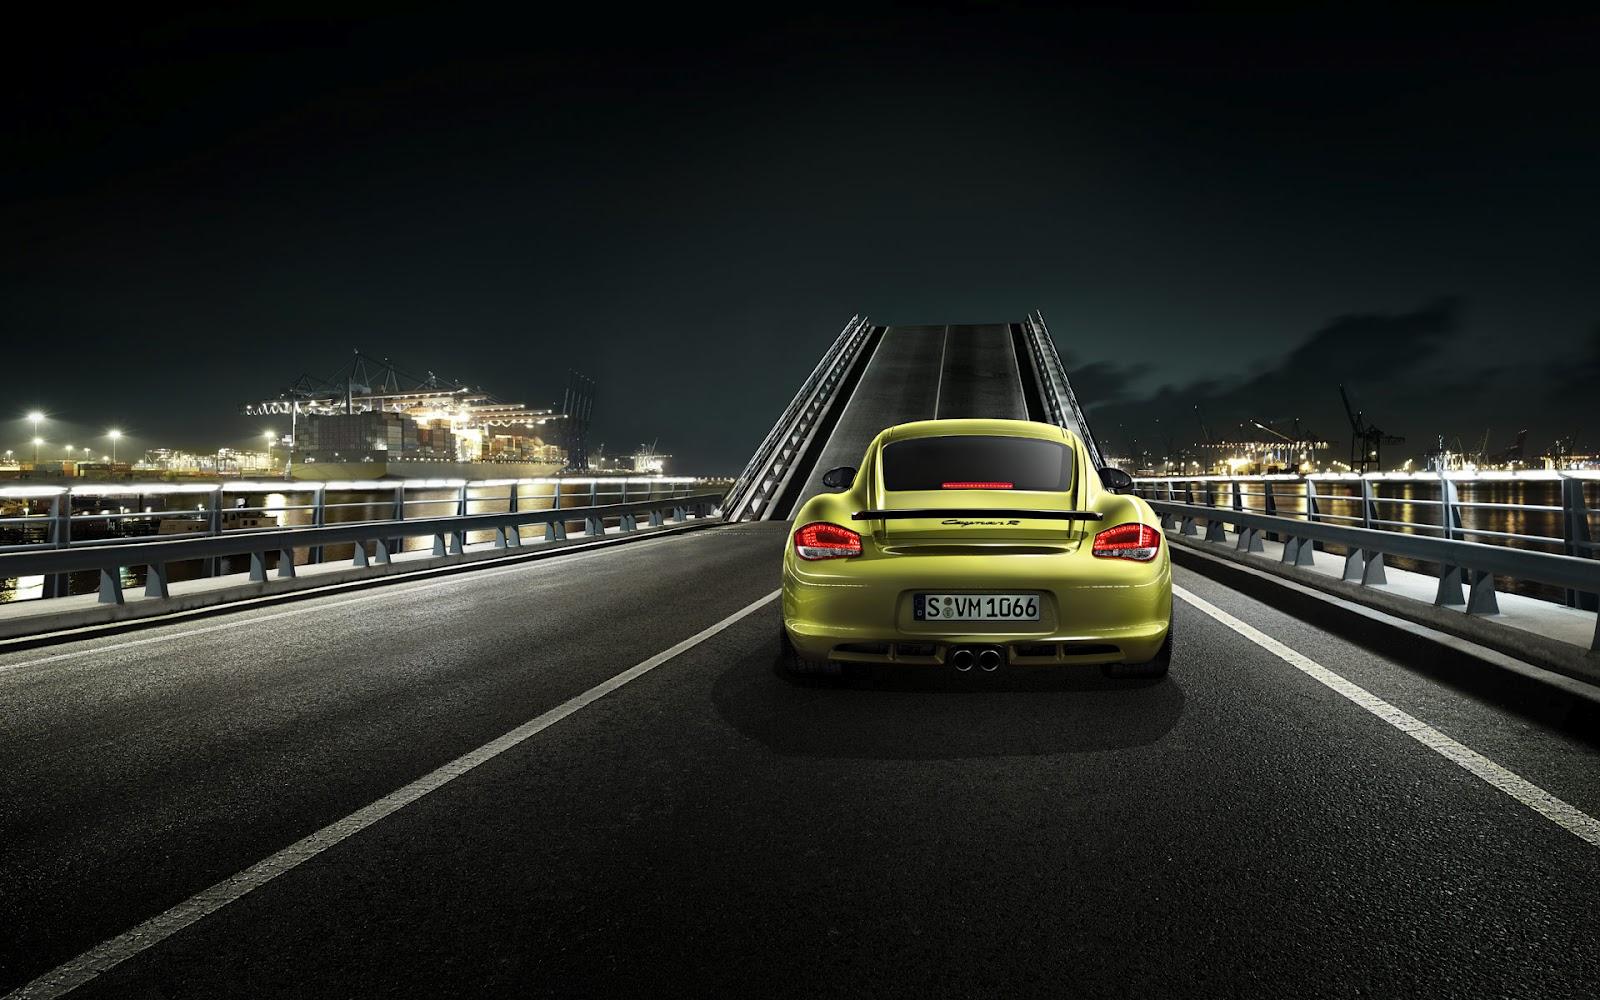 http://1.bp.blogspot.com/-BO5xv19GYS4/UBfqCq-njoI/AAAAAAAAAmI/tVS4nwbOHro/s1600/wallpaper-Porsche+Cayman+R+Exterior+1.jpg